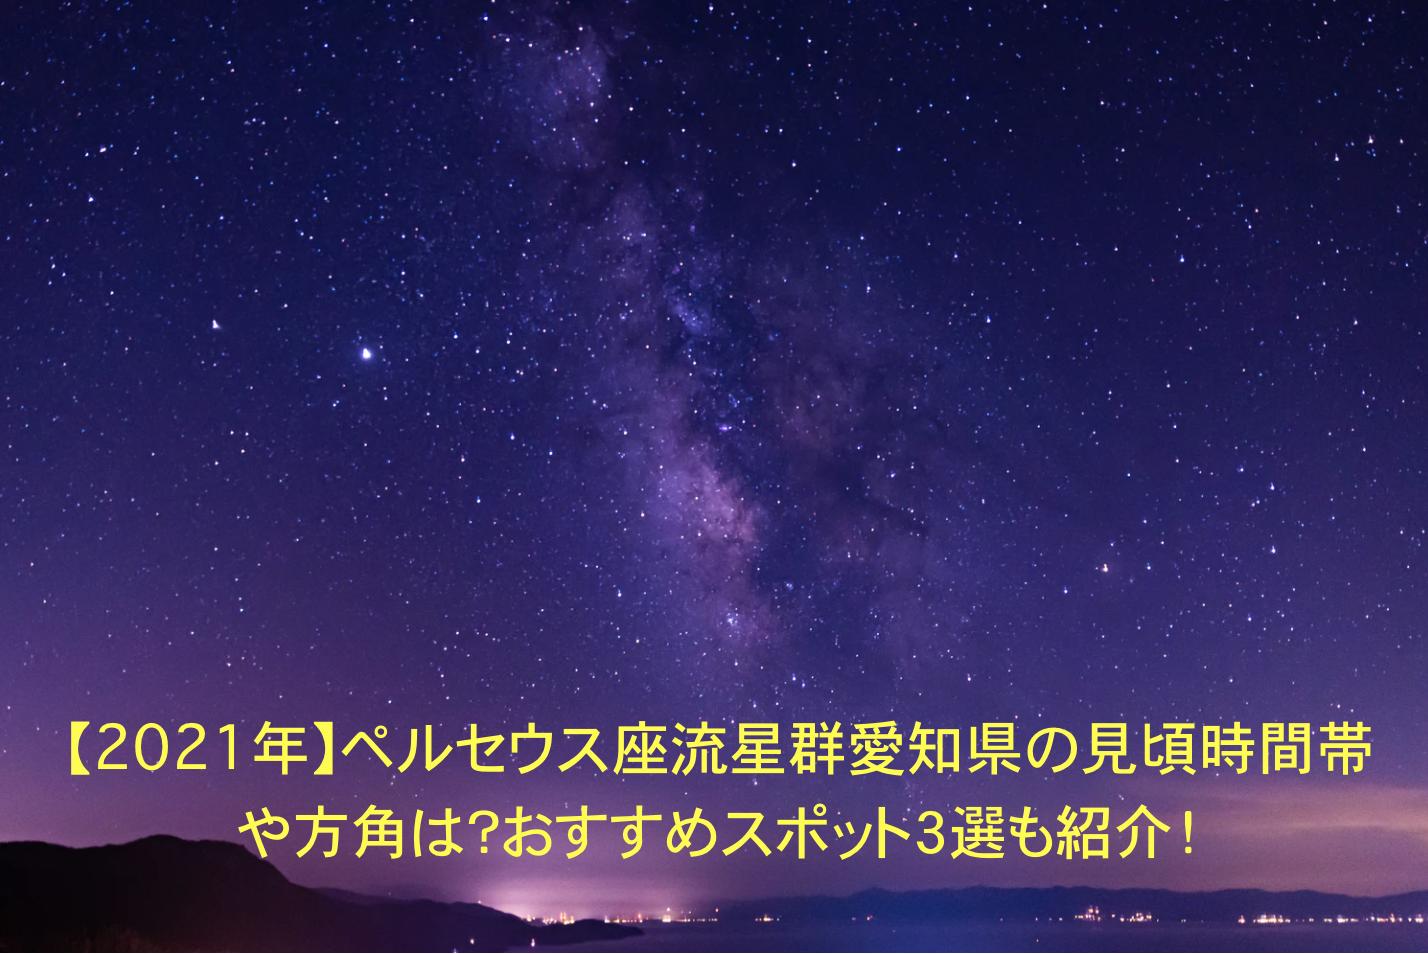 ペルセウス座流星群 愛知県 見頃 時間帯 方角 オススメスポット